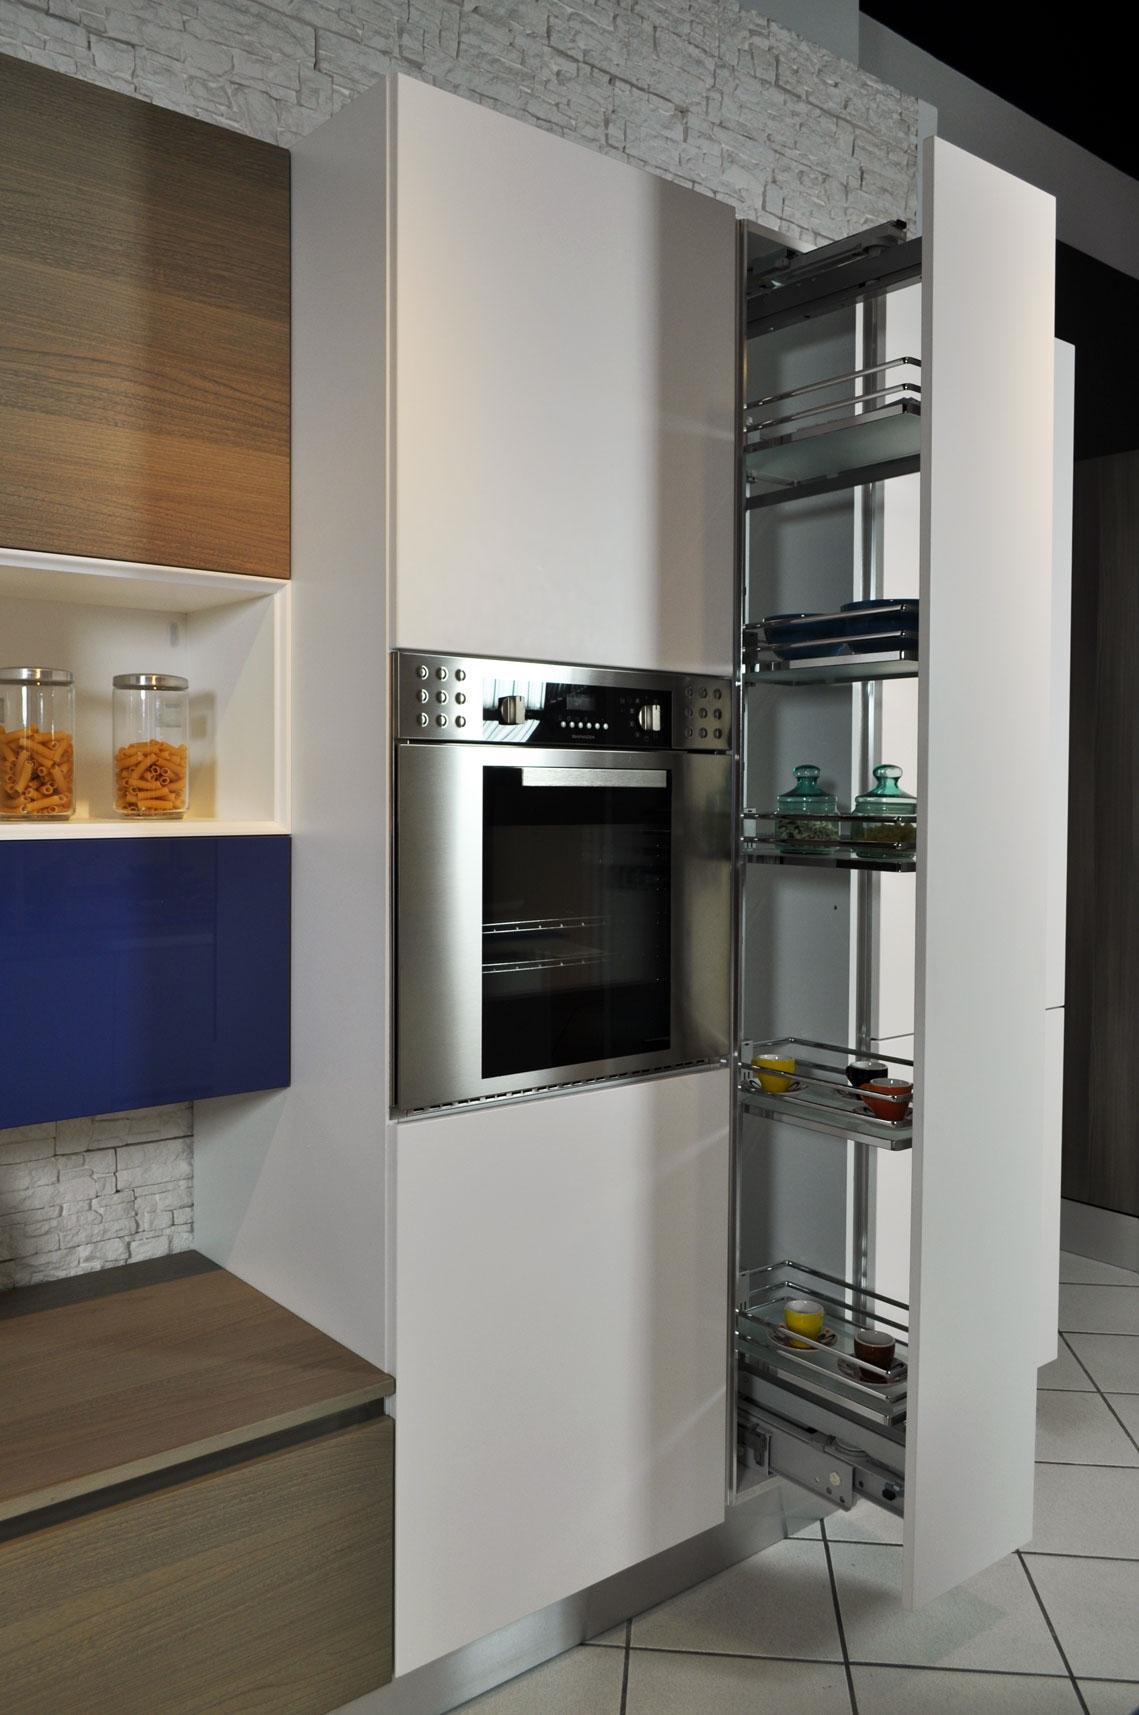 Cucina Brava Lube : Cucina lube brava ad isola completa di elettrodomestici in